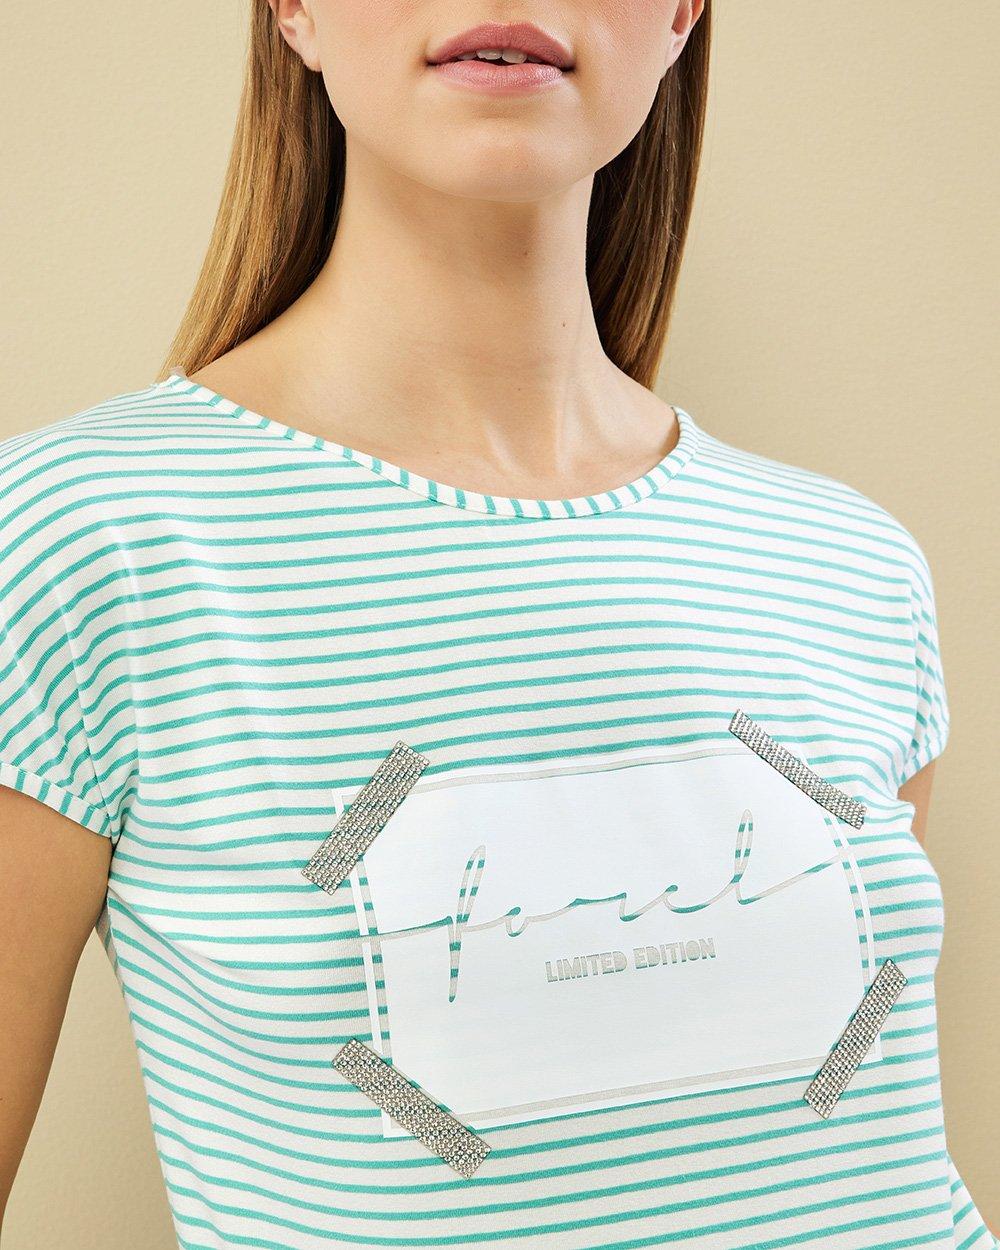 Μπλούζα ριγέ ζαπονέ με logo